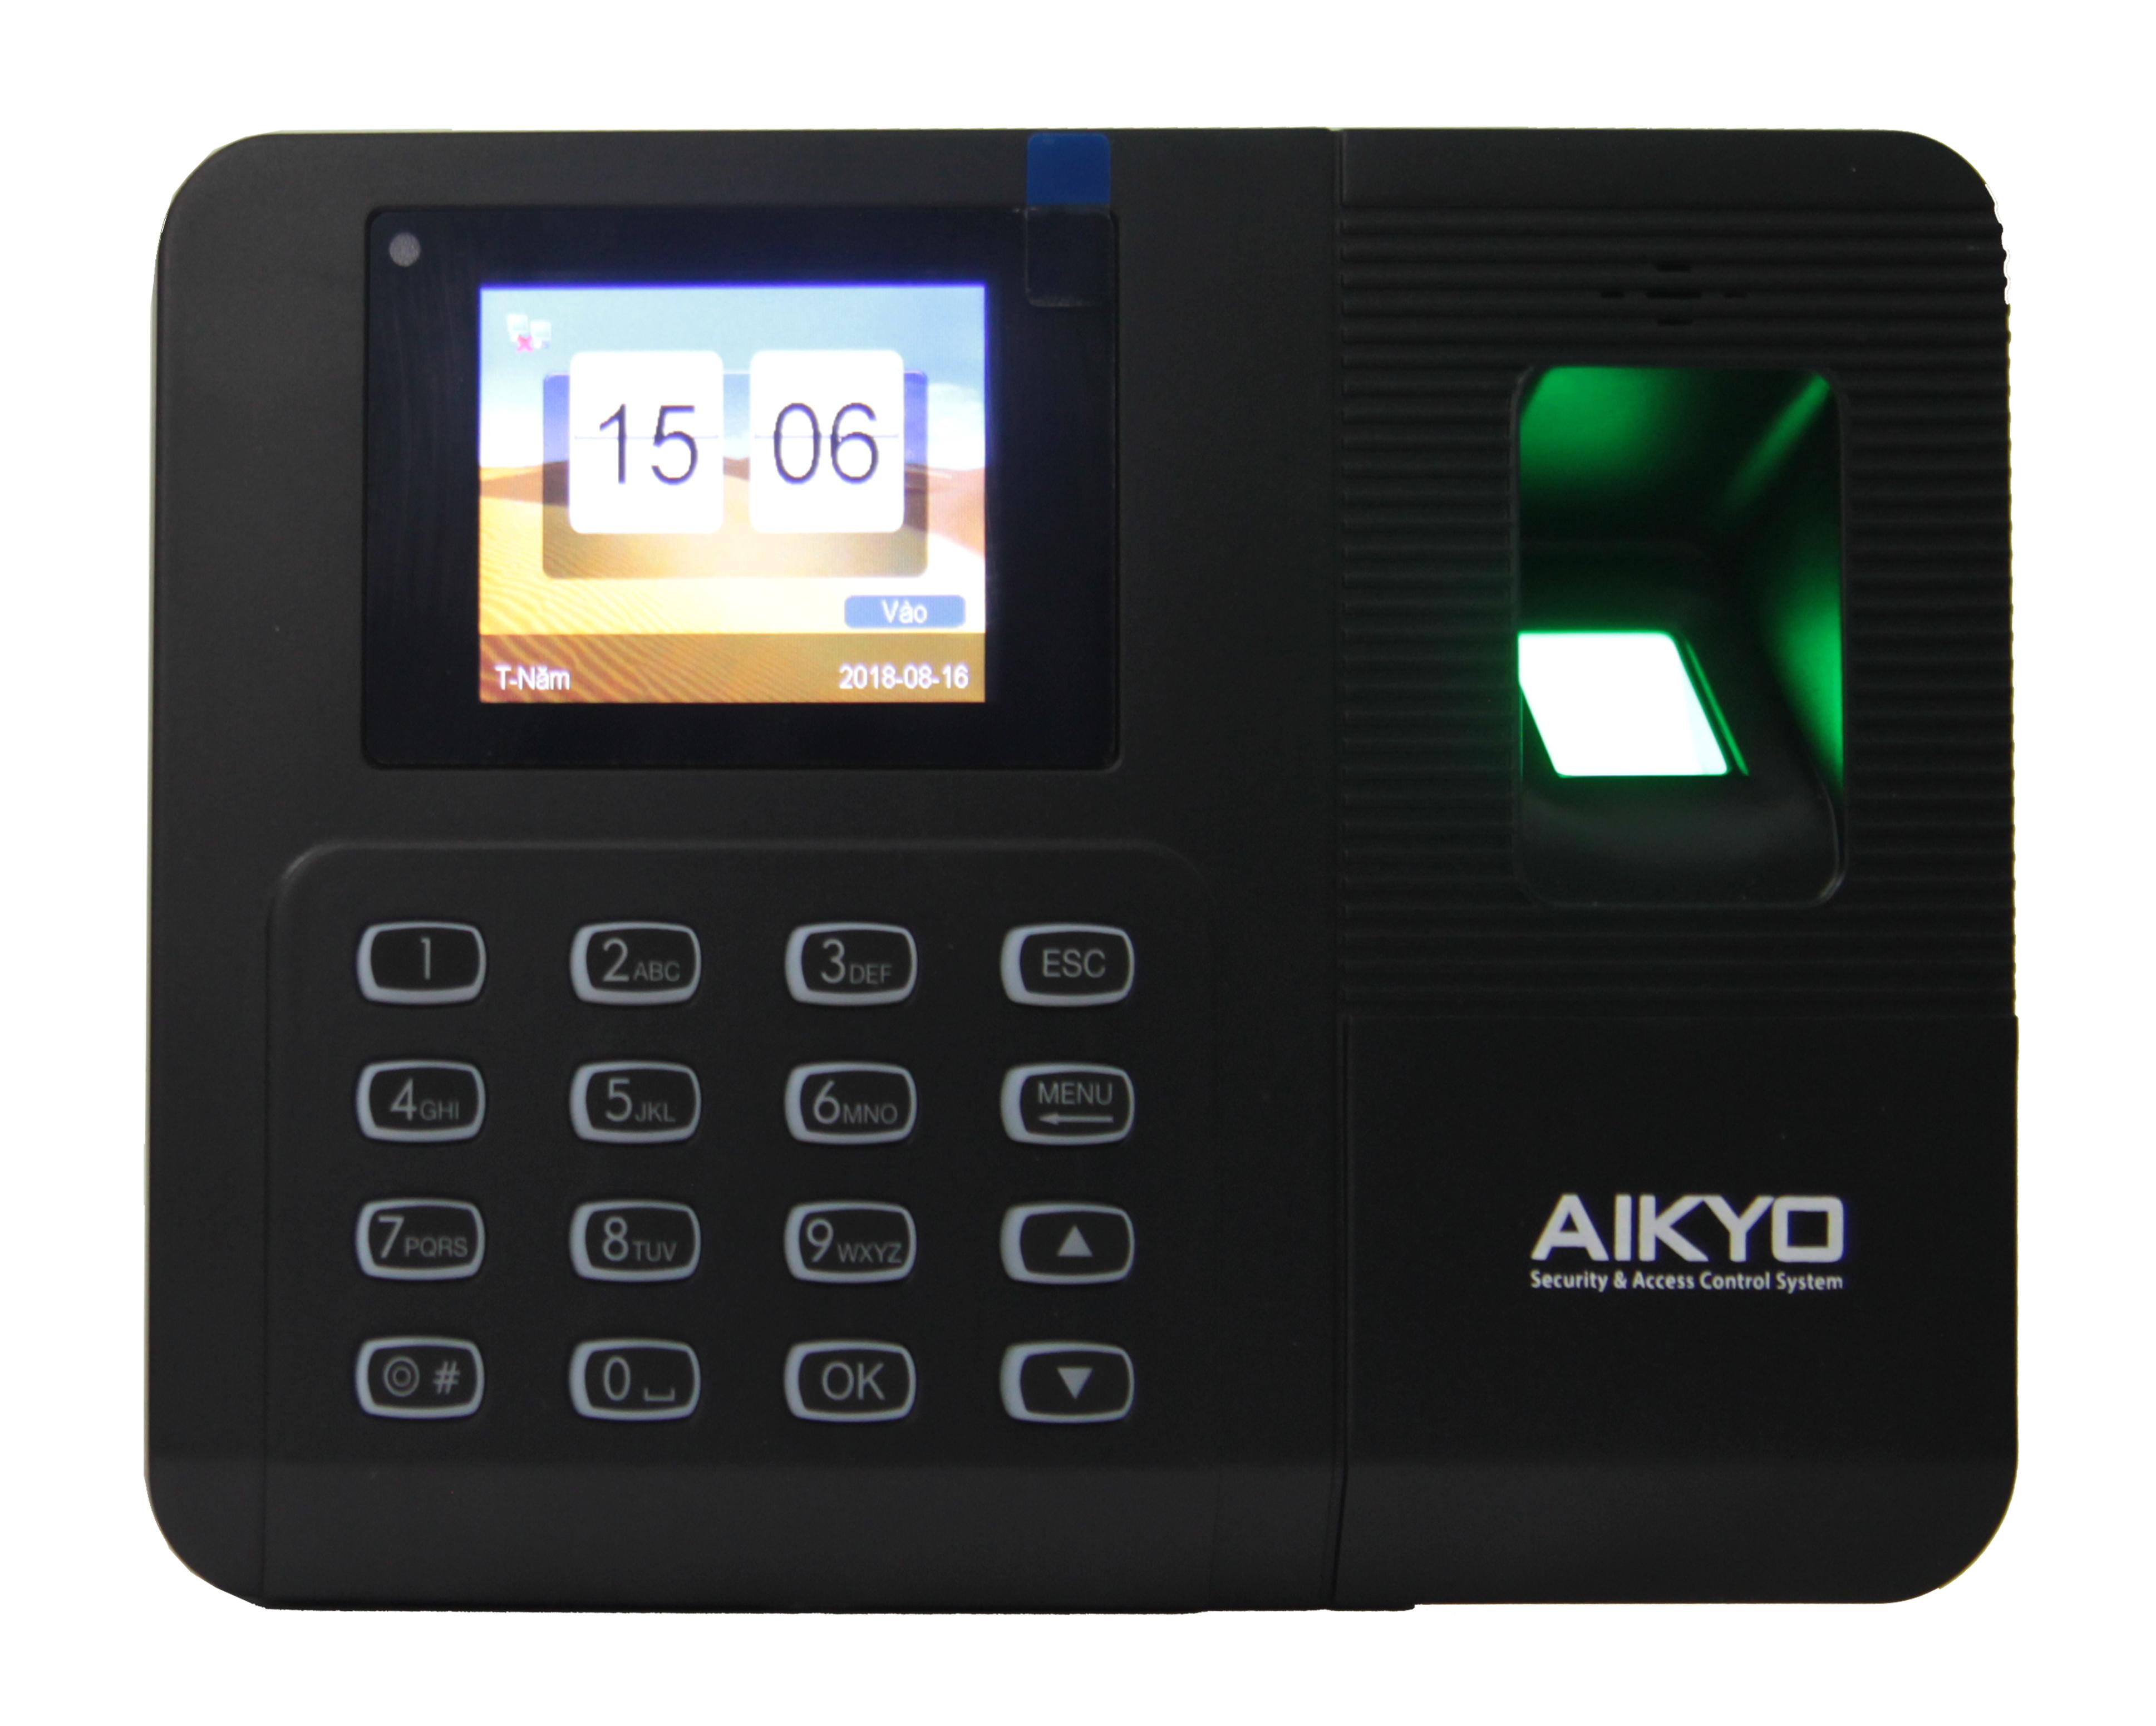 Aikyo X628C